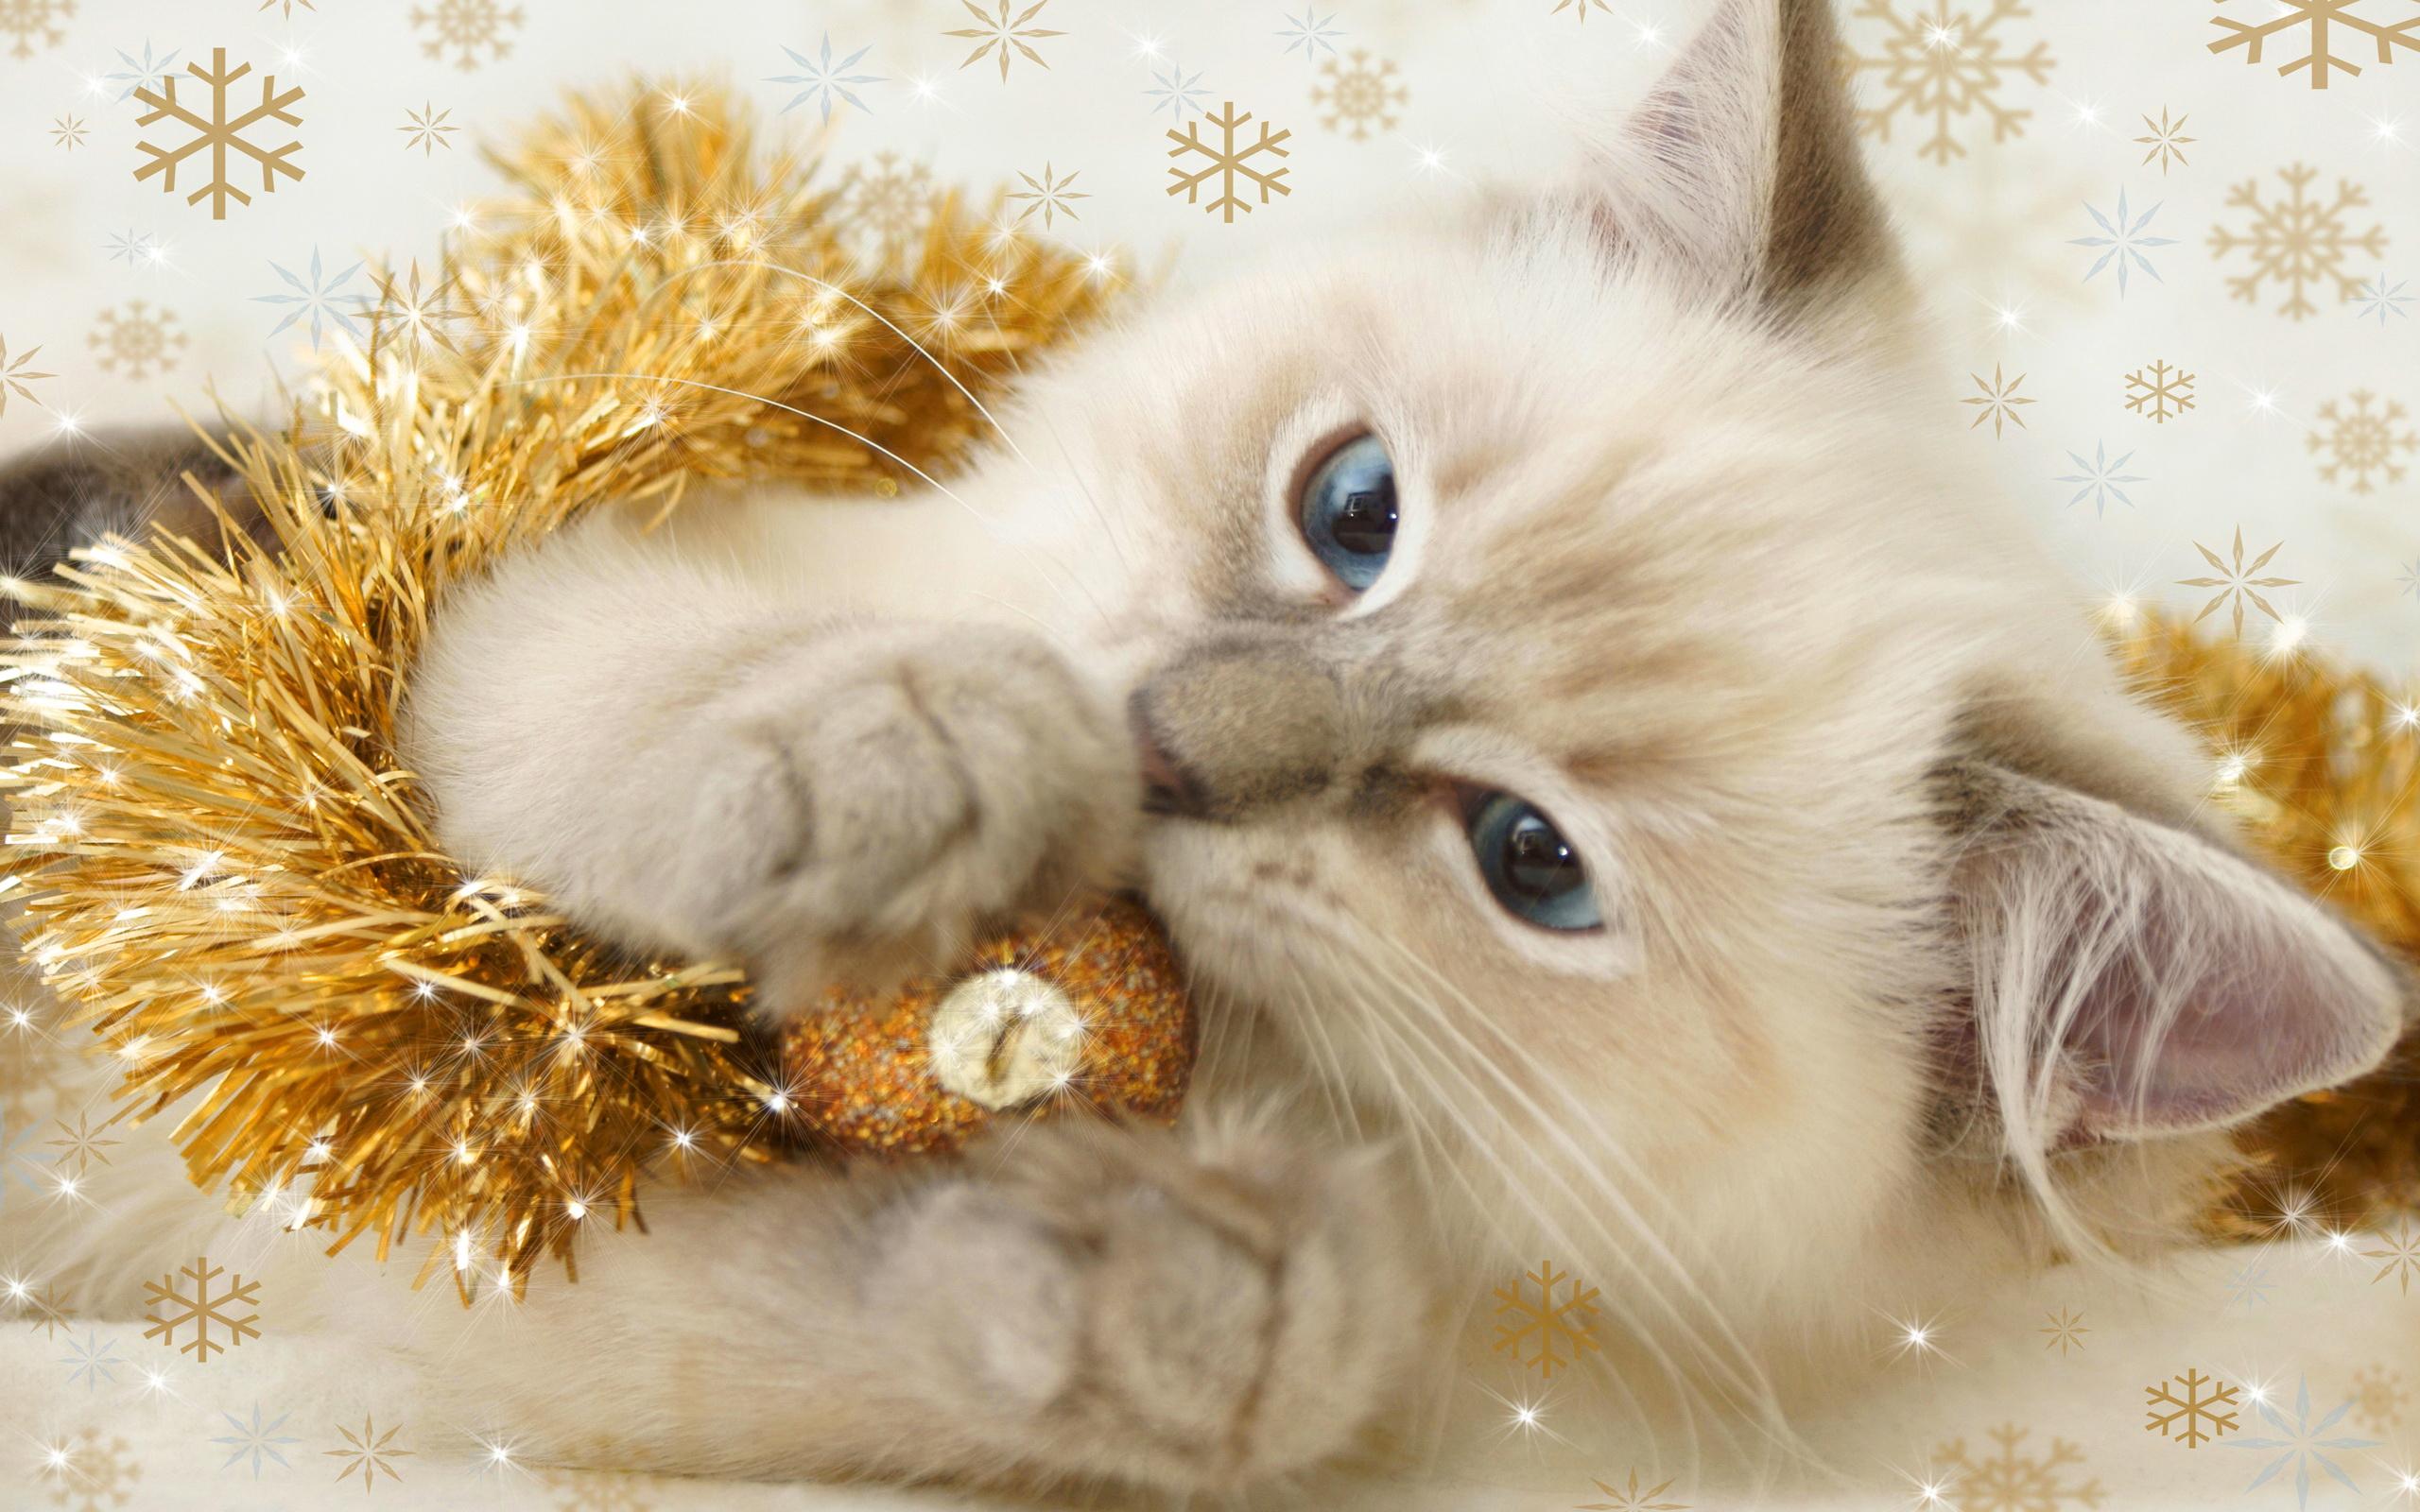 Christmas Kitten. - Cats Wallpaper (36711894) - Fanpop